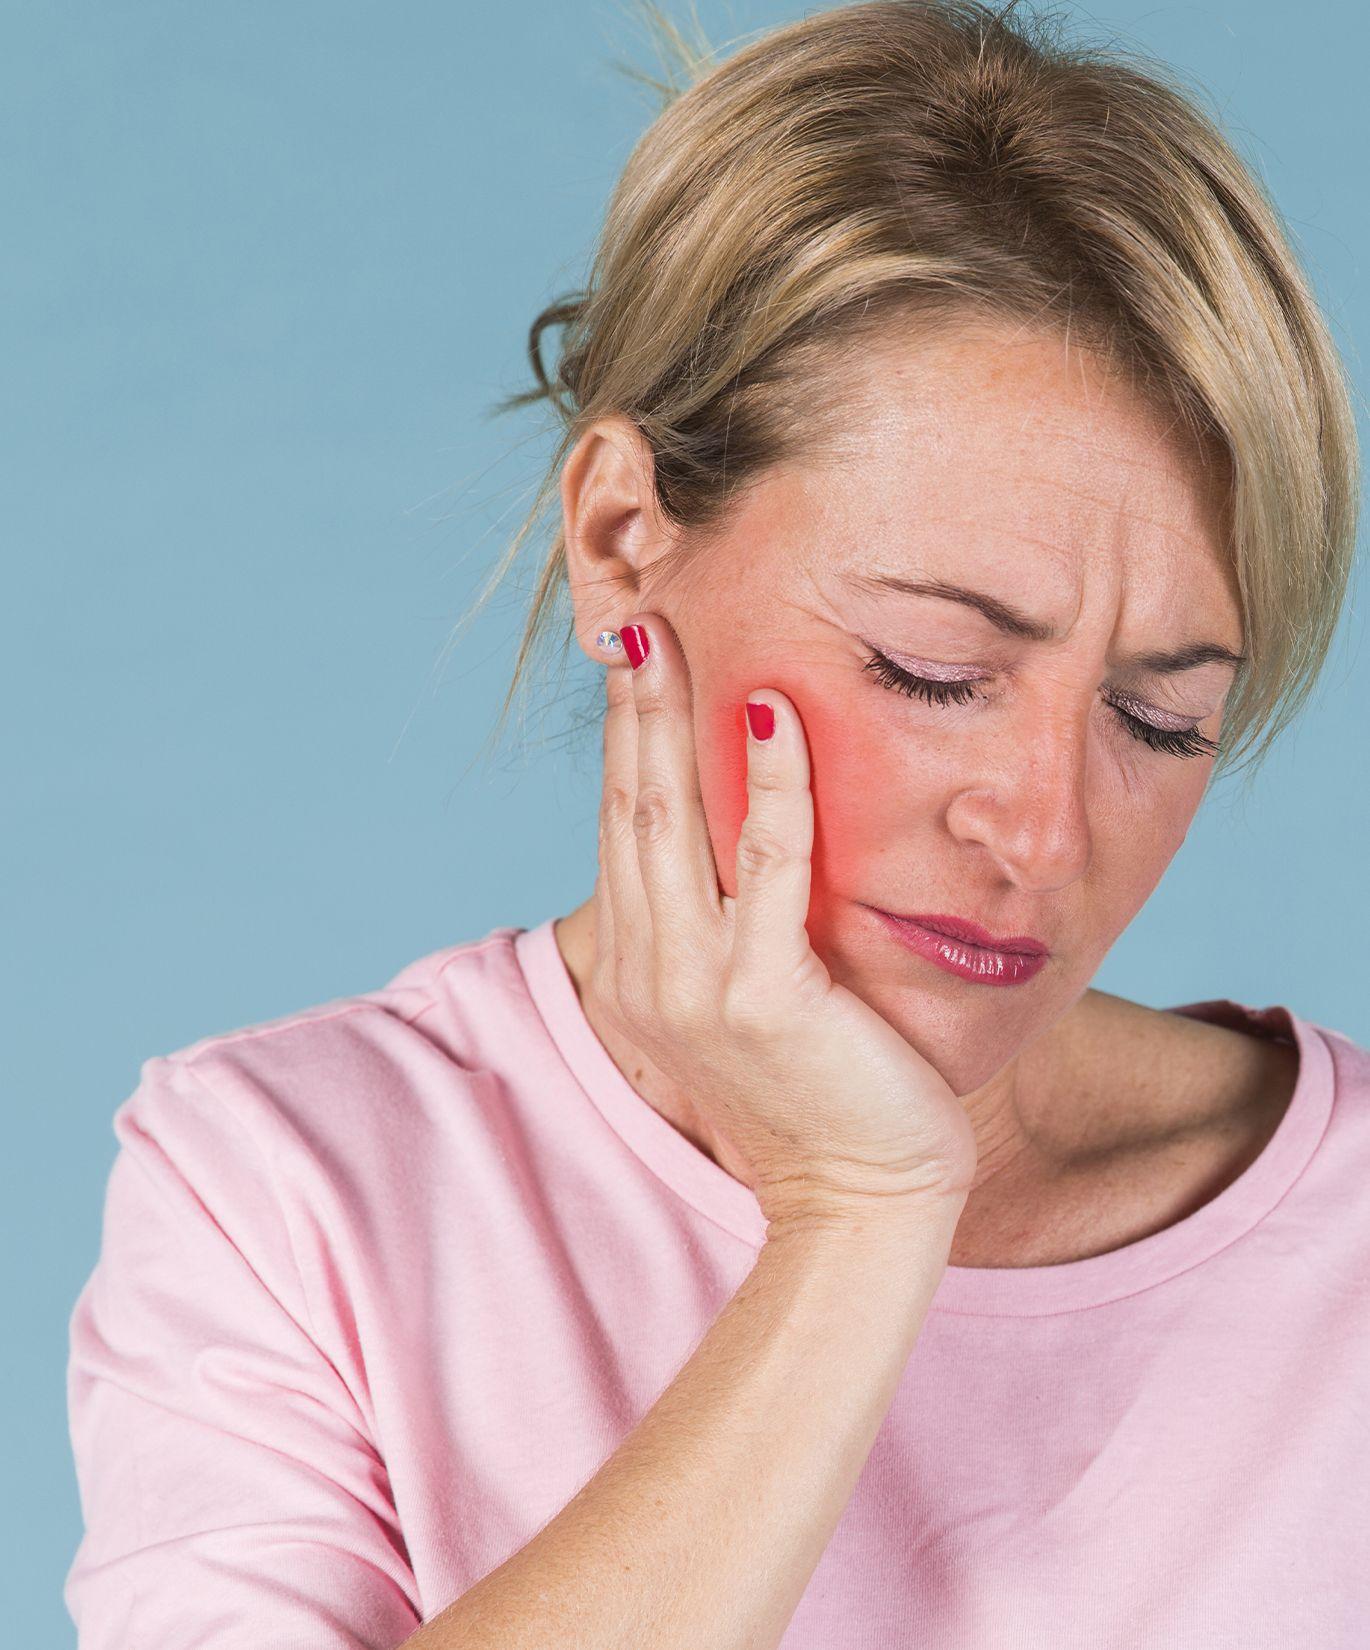 Boca ardiente y dolor de cabeza